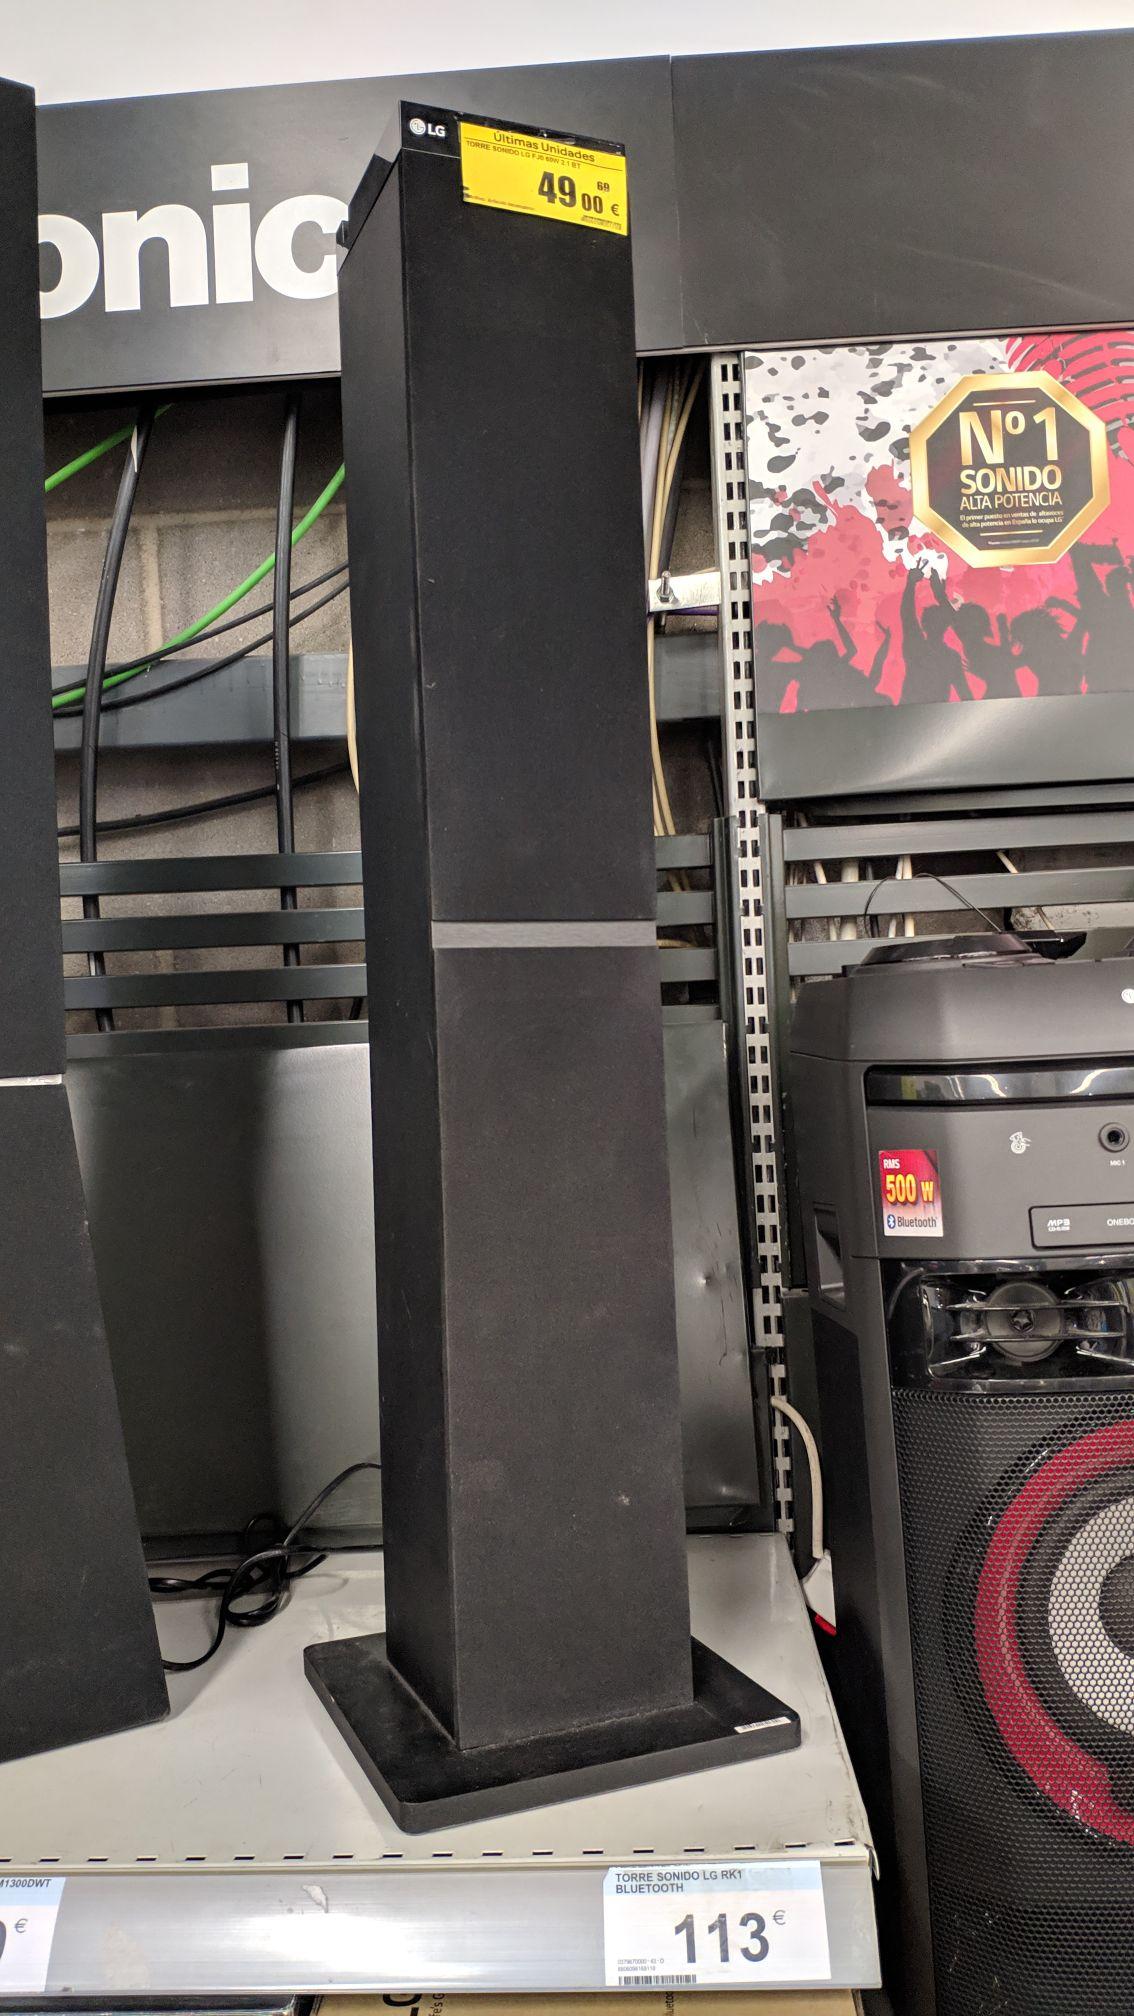 Torre de sonido LG rk1 Bluetooth (Carrefour de Mega park San Sebastián de los Reyes)